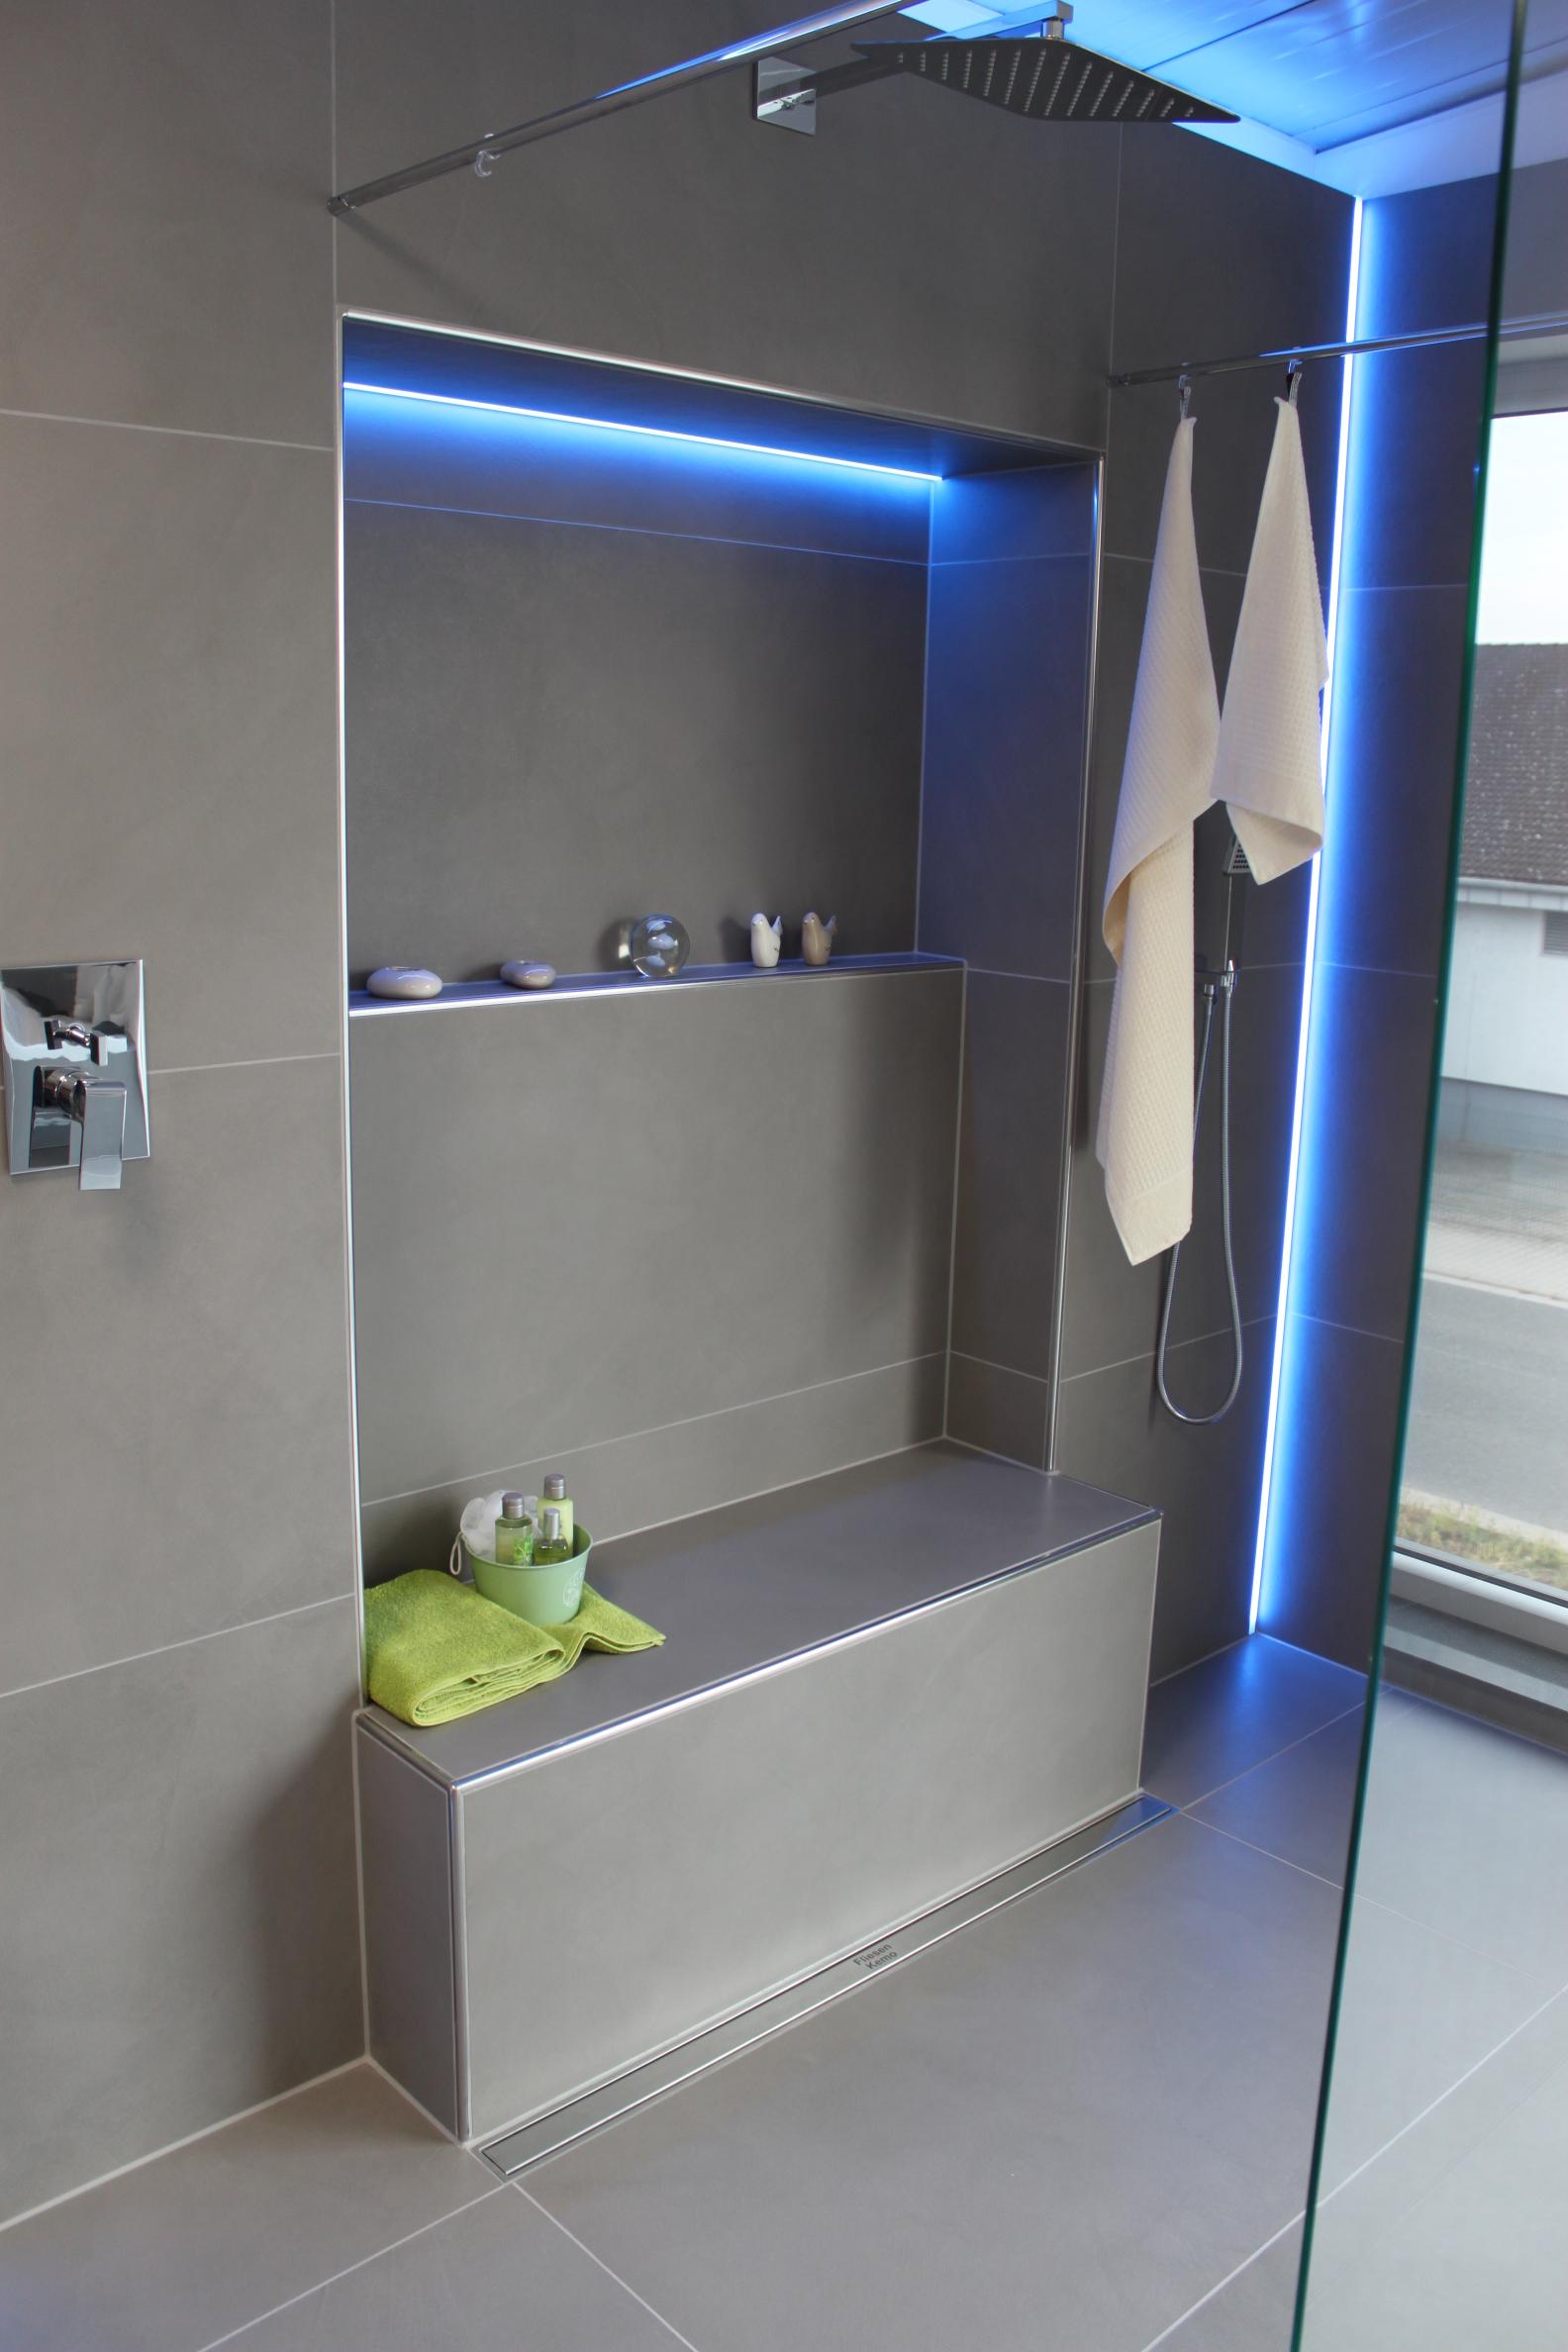 Lovely Besuchen Sie Unsere Badezimmer Ausstellung Und Lassen Sie Sich Individuell  Beraten.